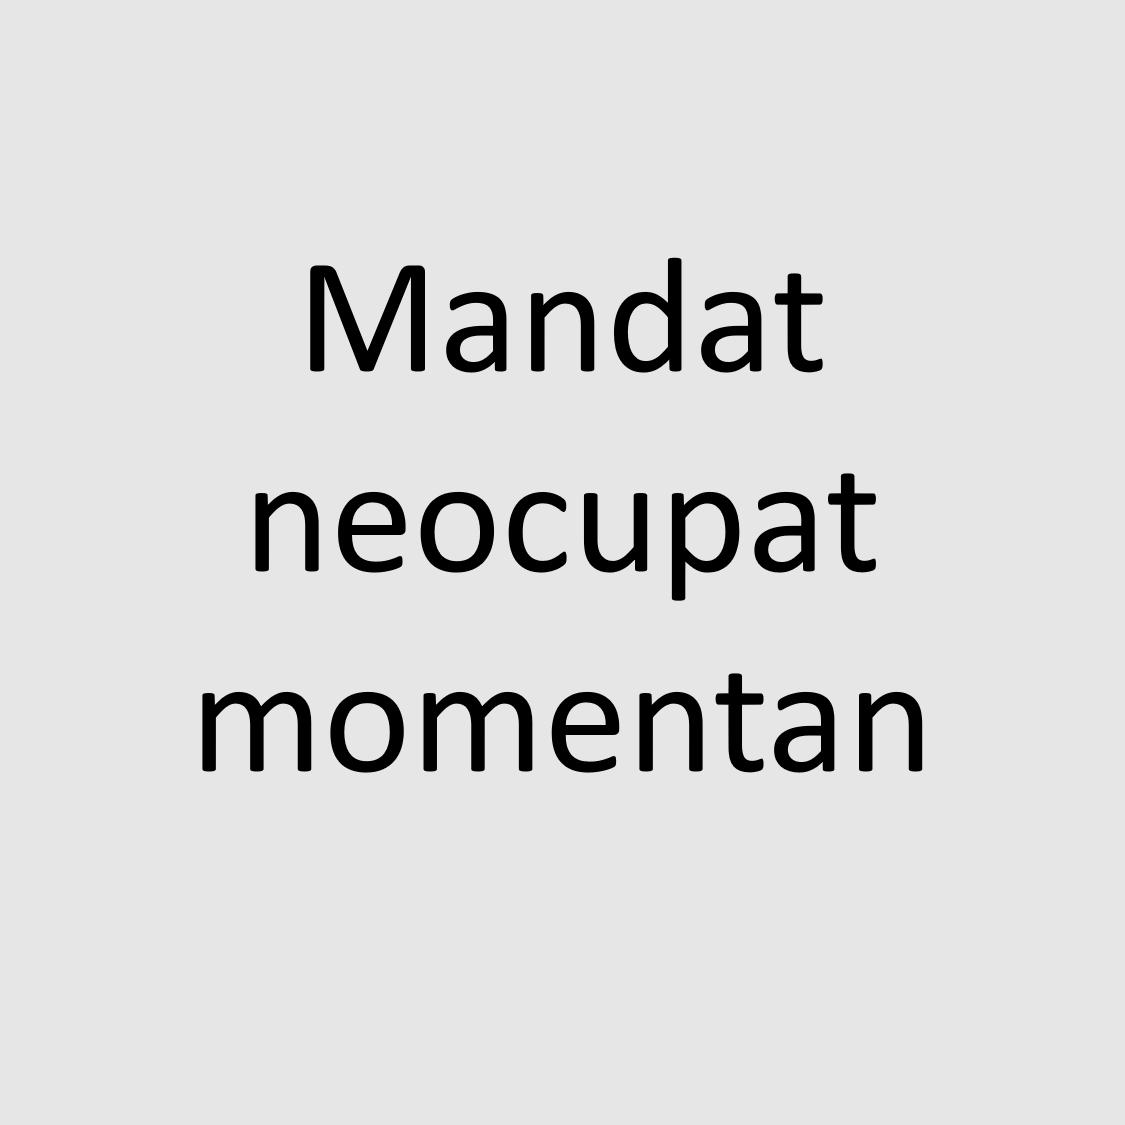 Mandat neocupat